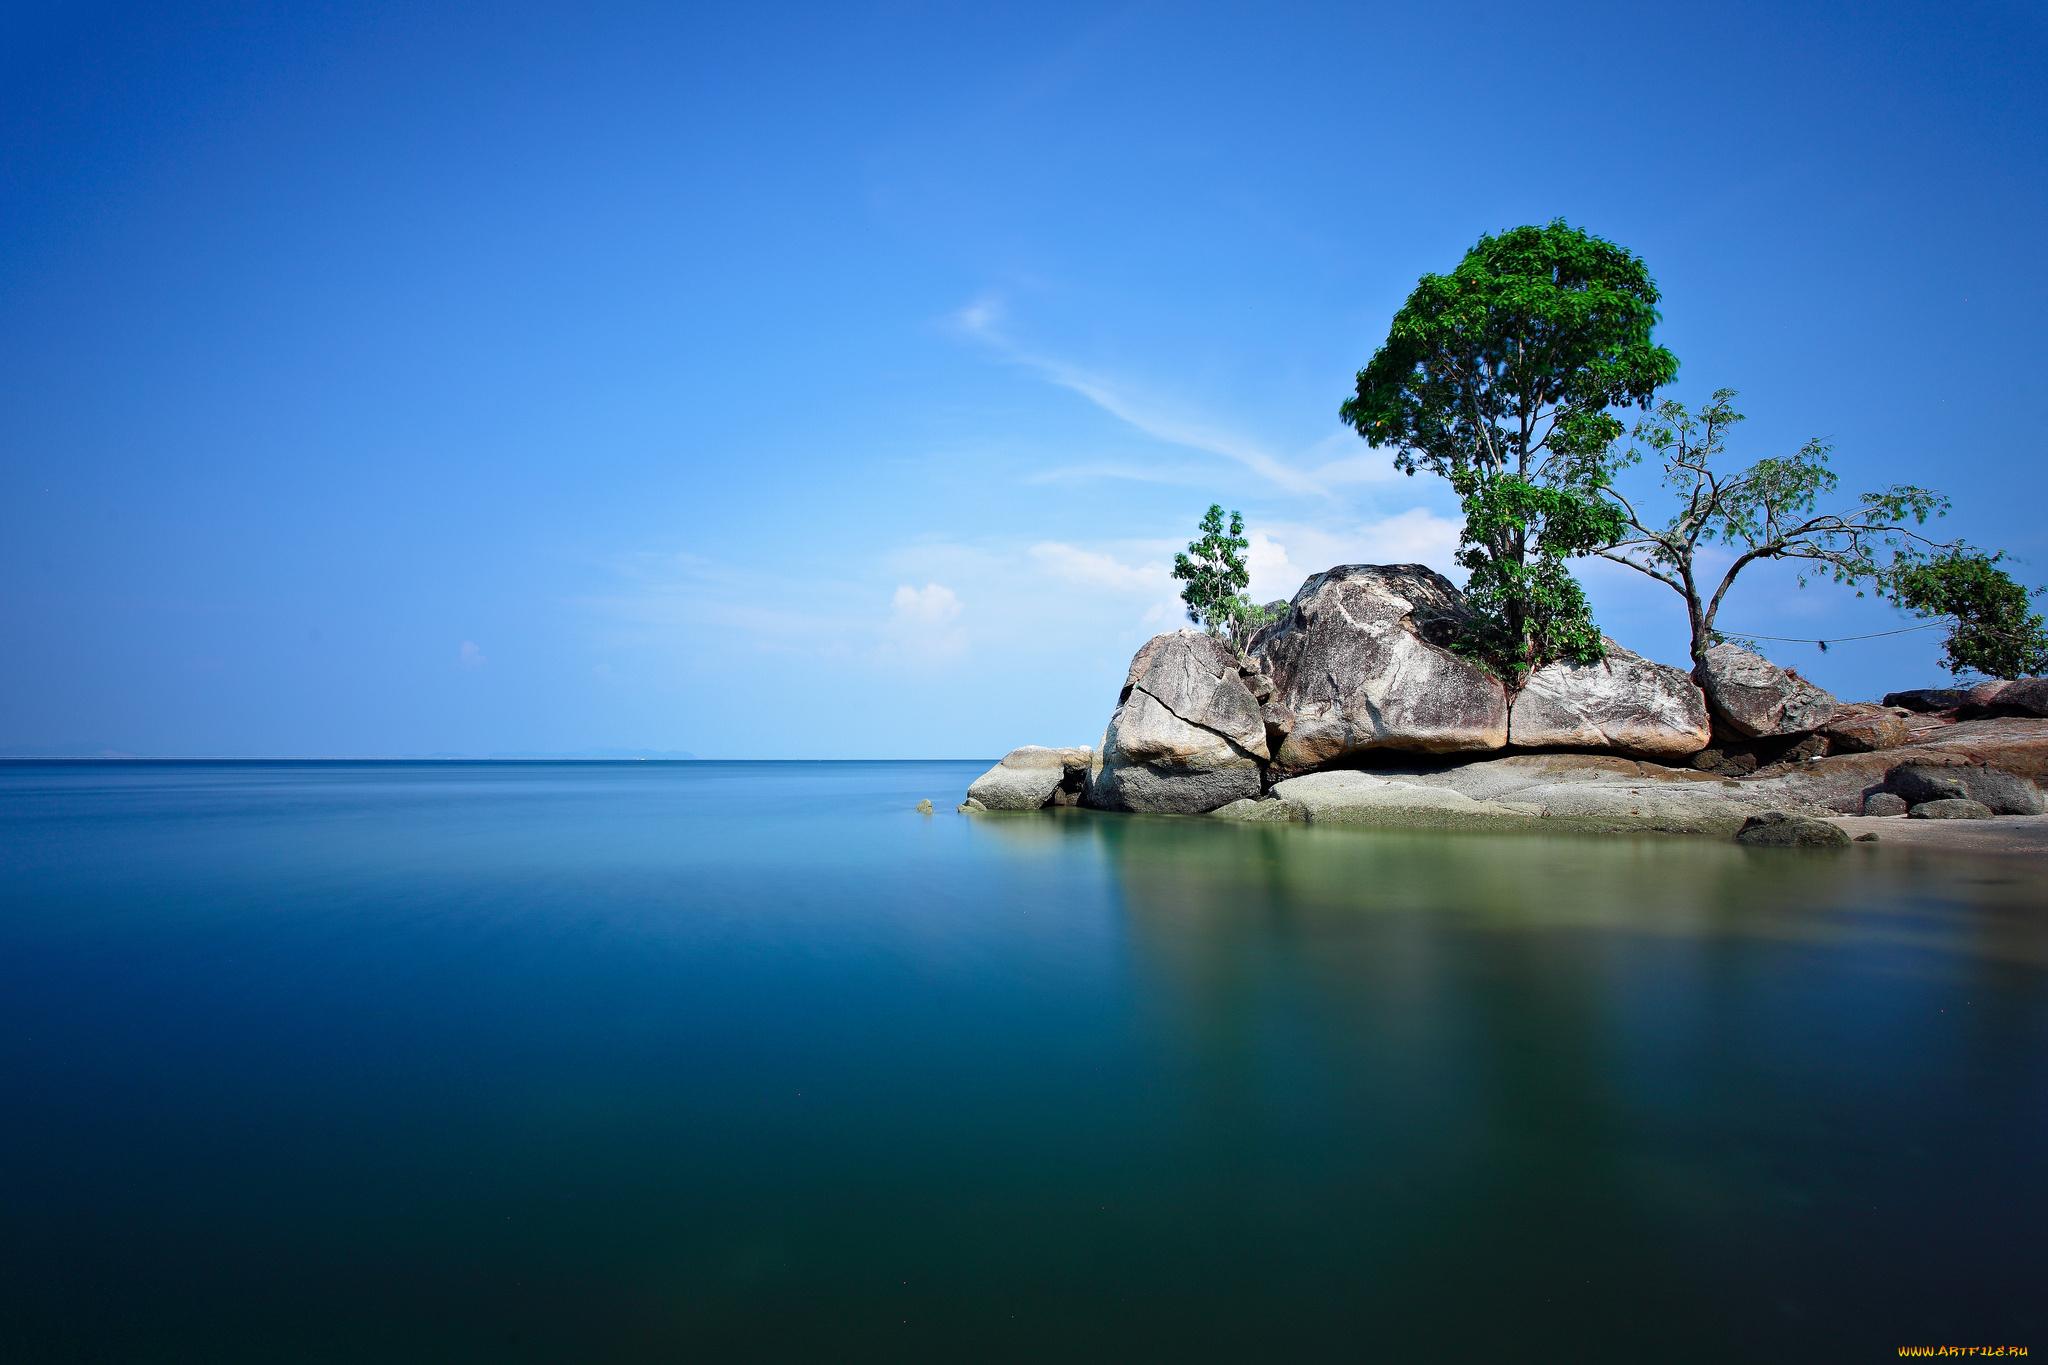 море остров небо камни  № 1034133 загрузить